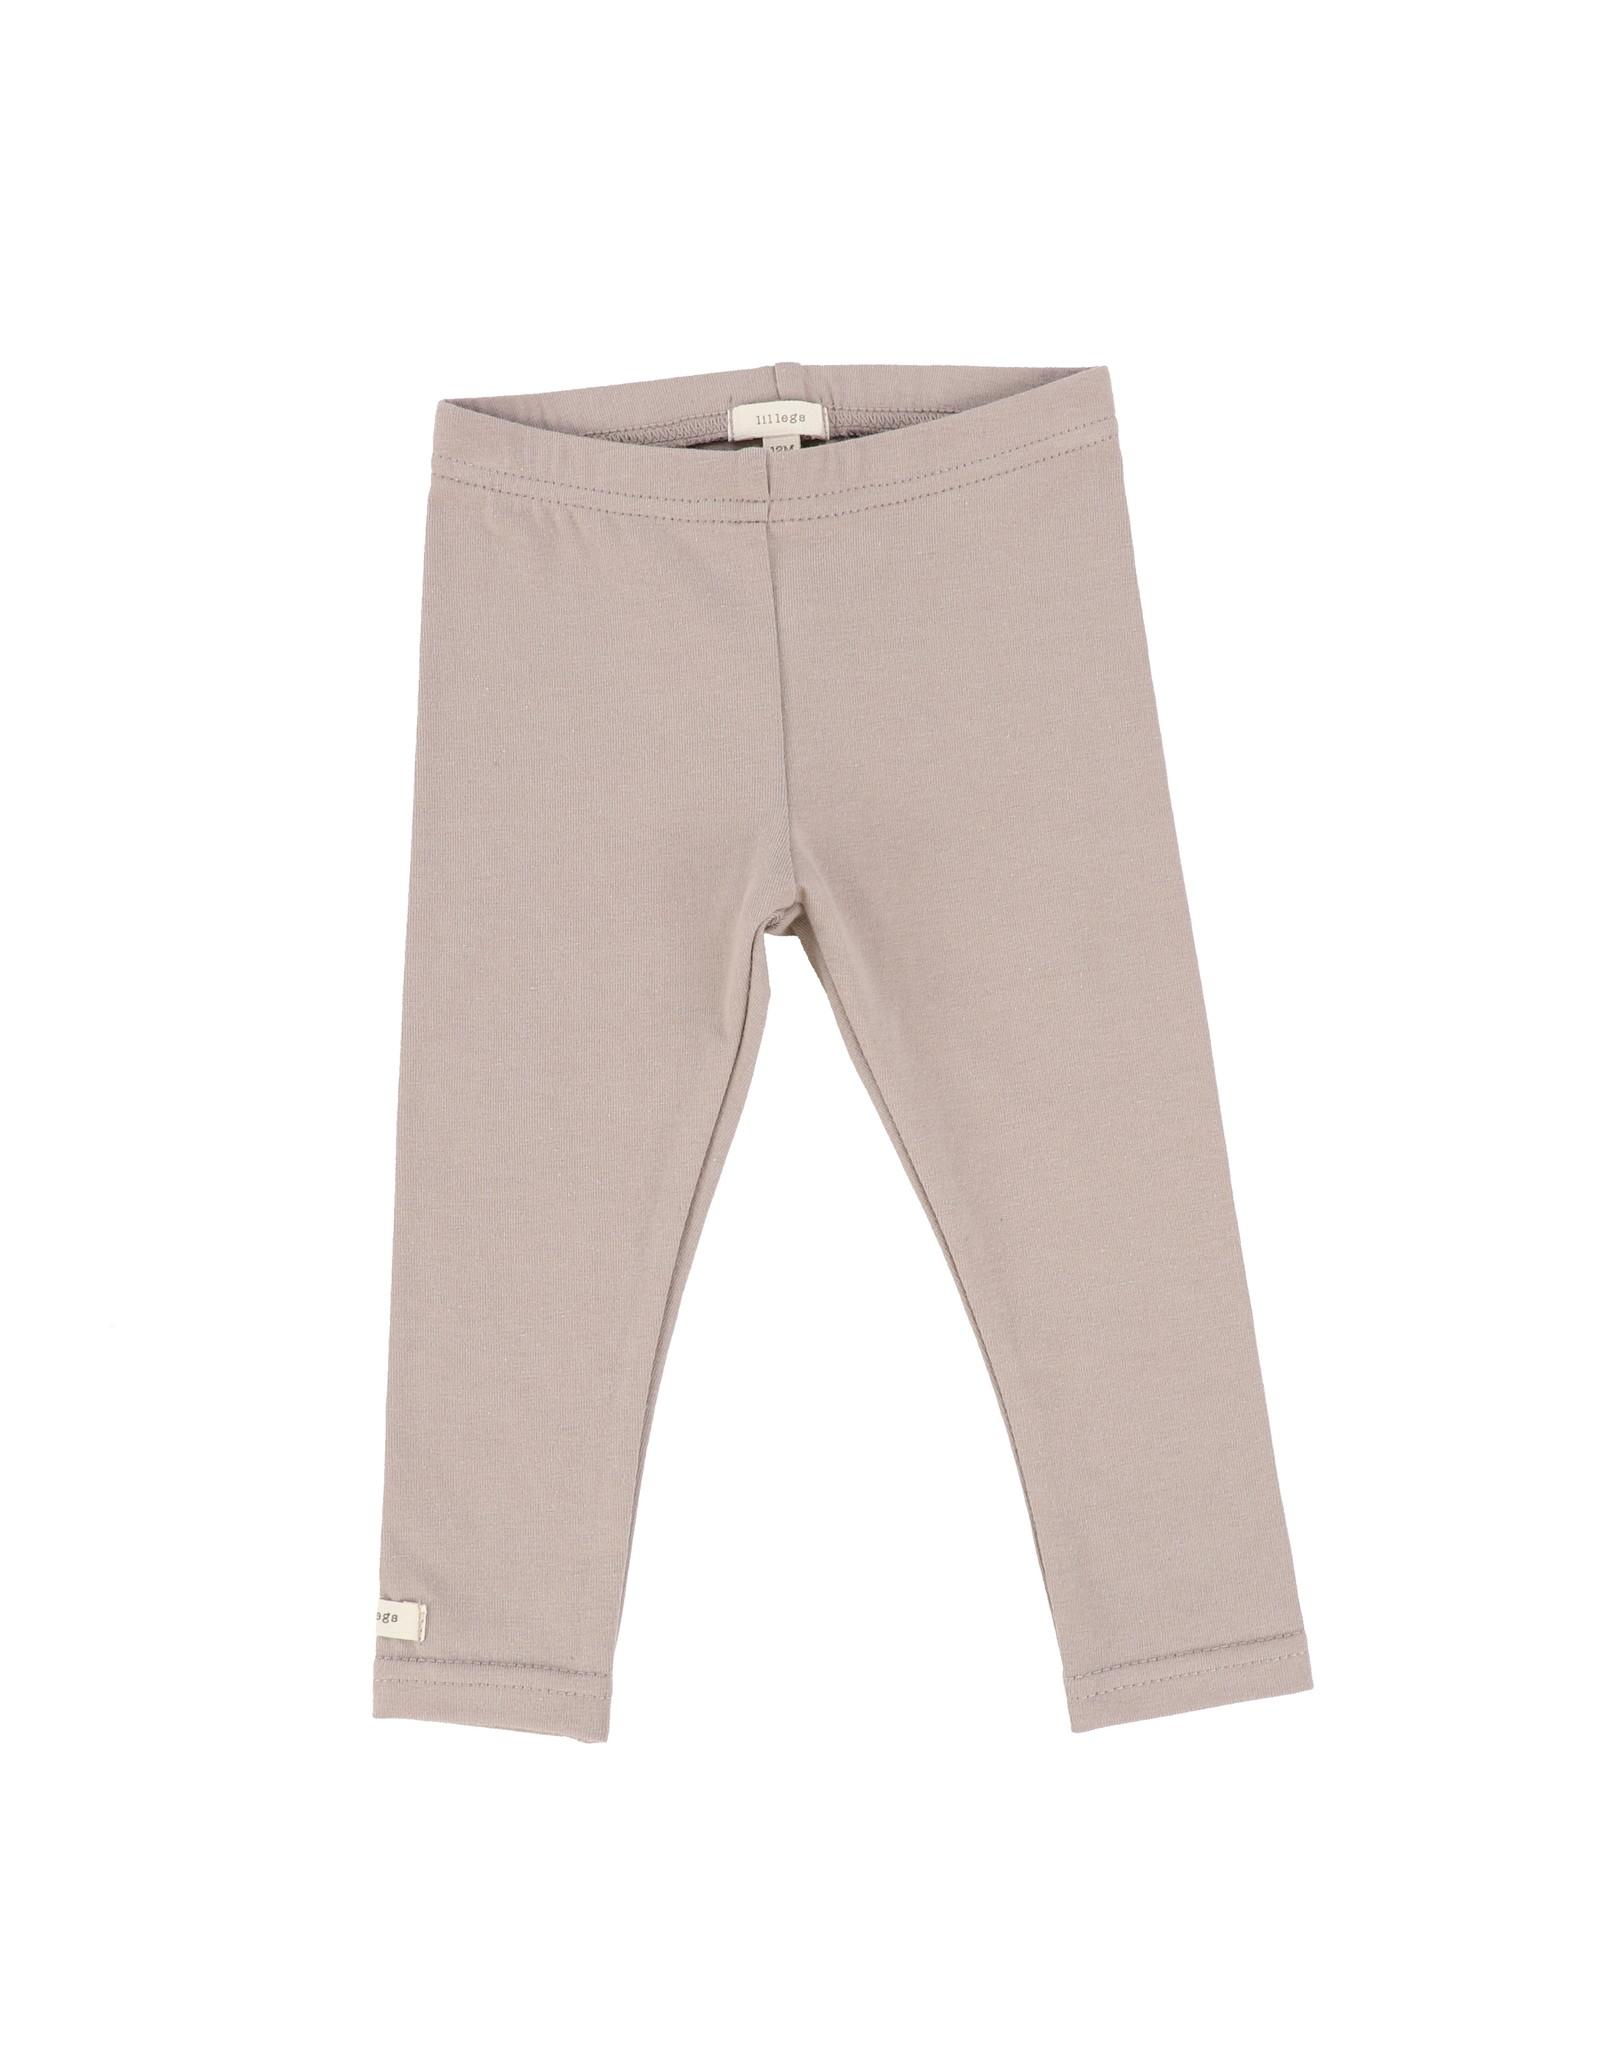 LIL LEGS Lil Legs Cotton Leggings Fashion Colors